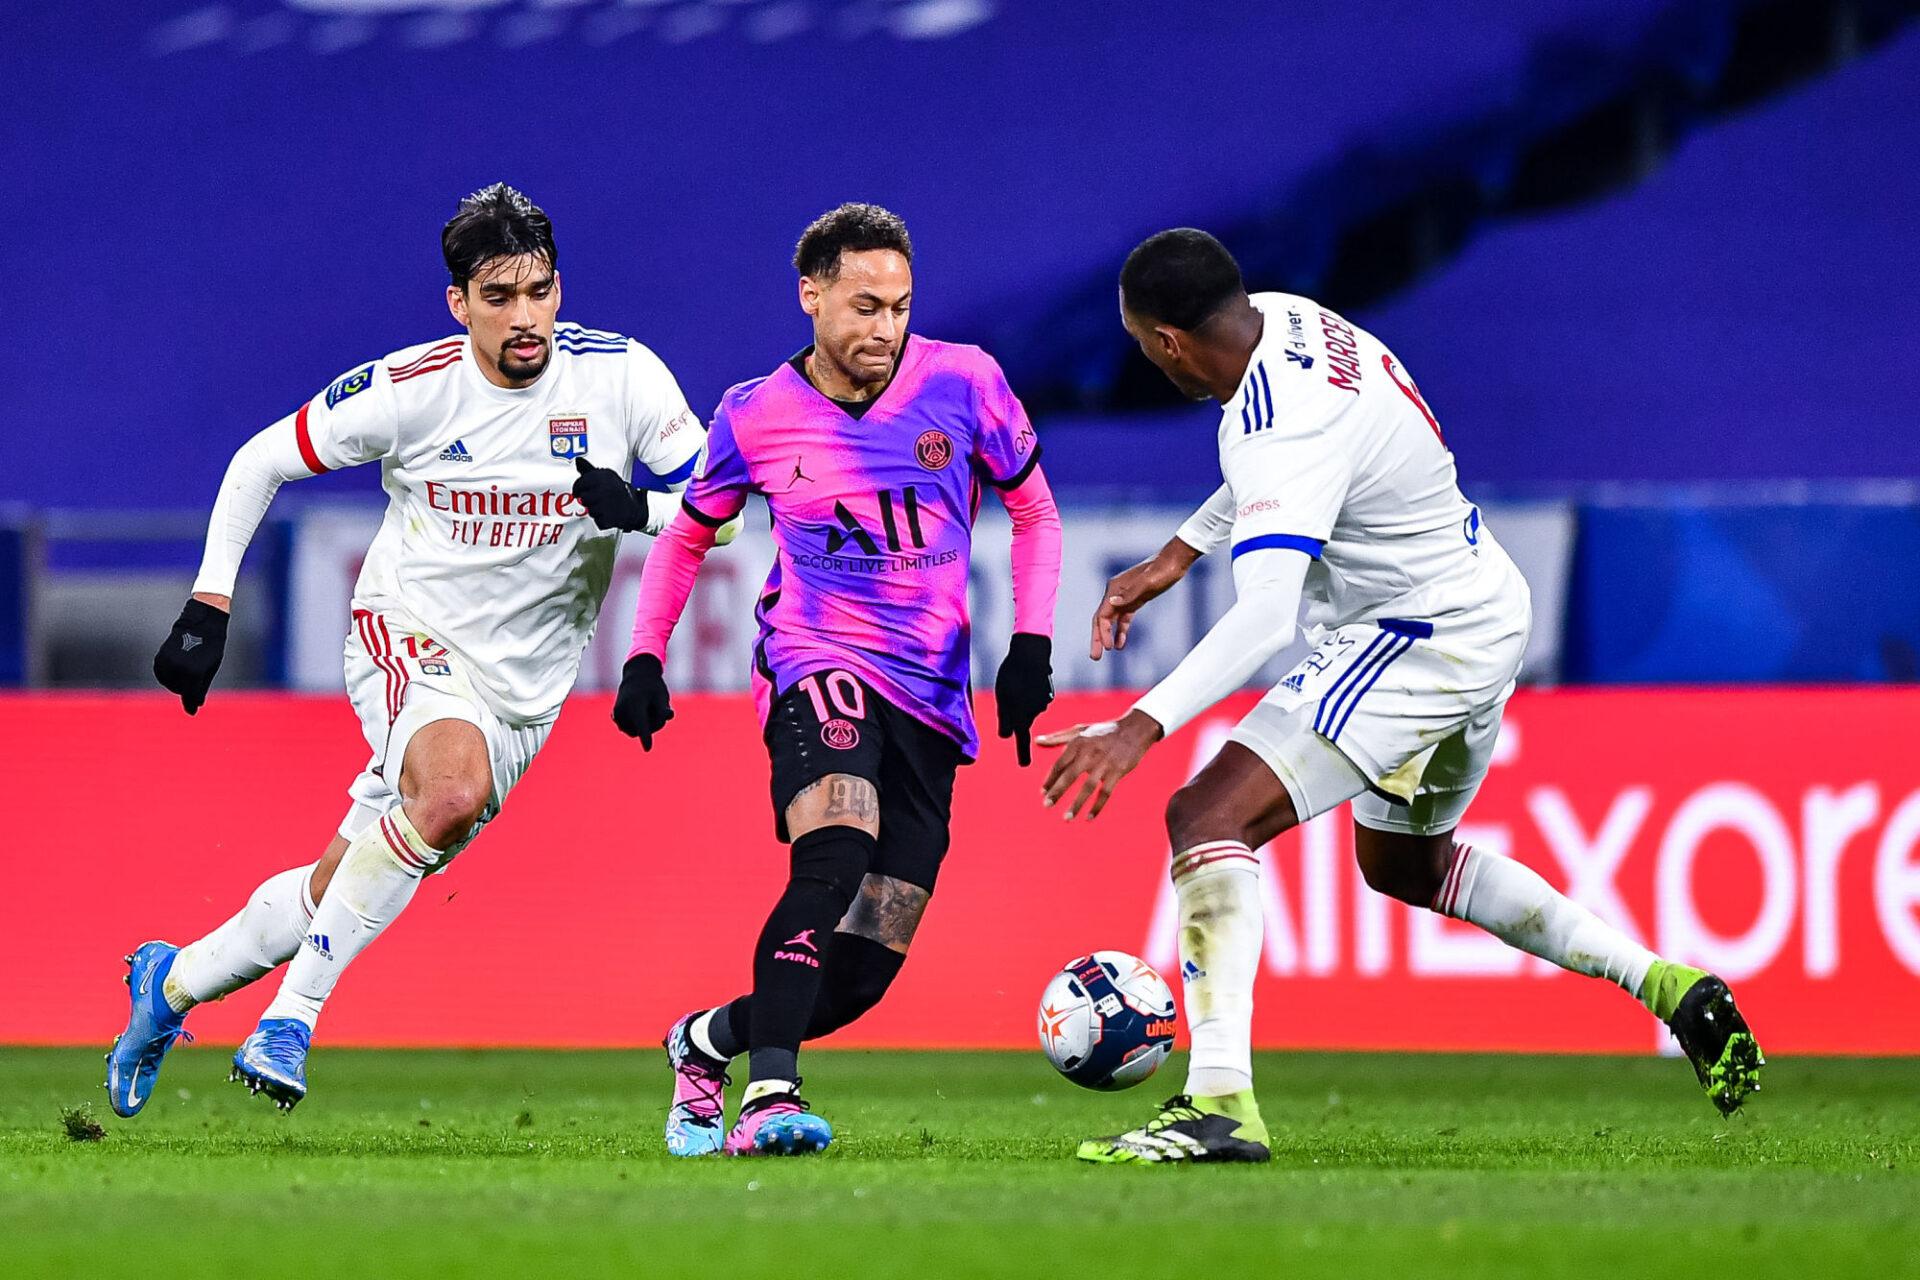 Le PSG et Lyon avaient fait le spectacle la saison dernière, avec une victoire 4-2 des coéquipiers de Neymar au Groupama Stadium. Icon Sport